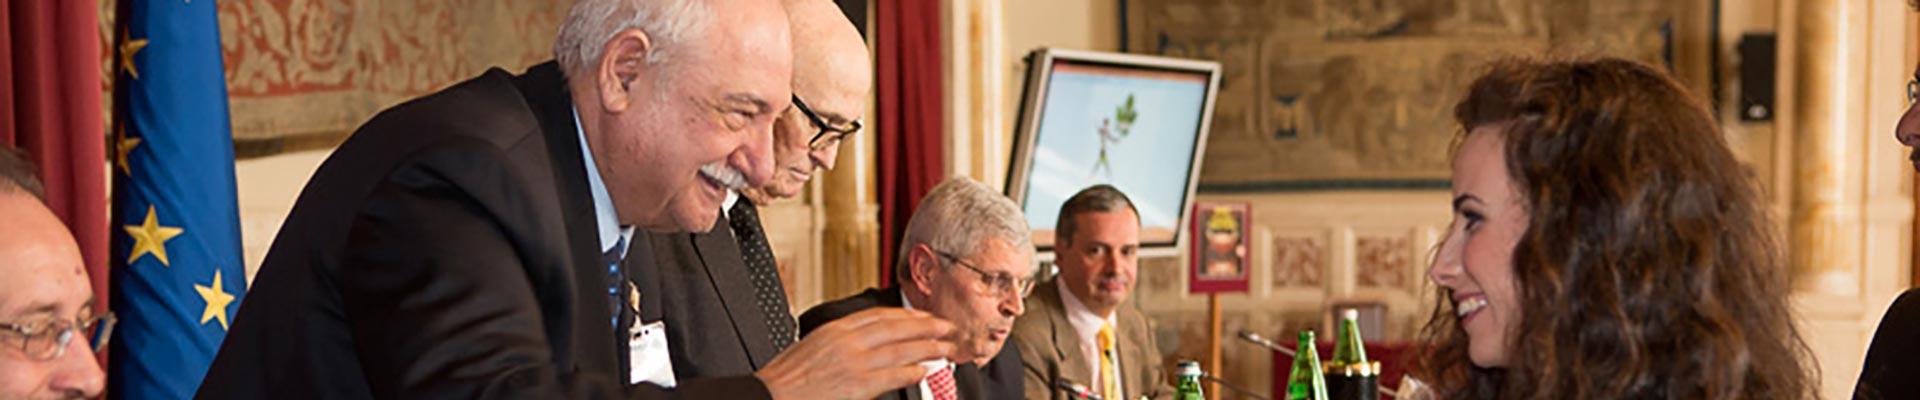 Premio Soldera - Gli studi e la ricerca